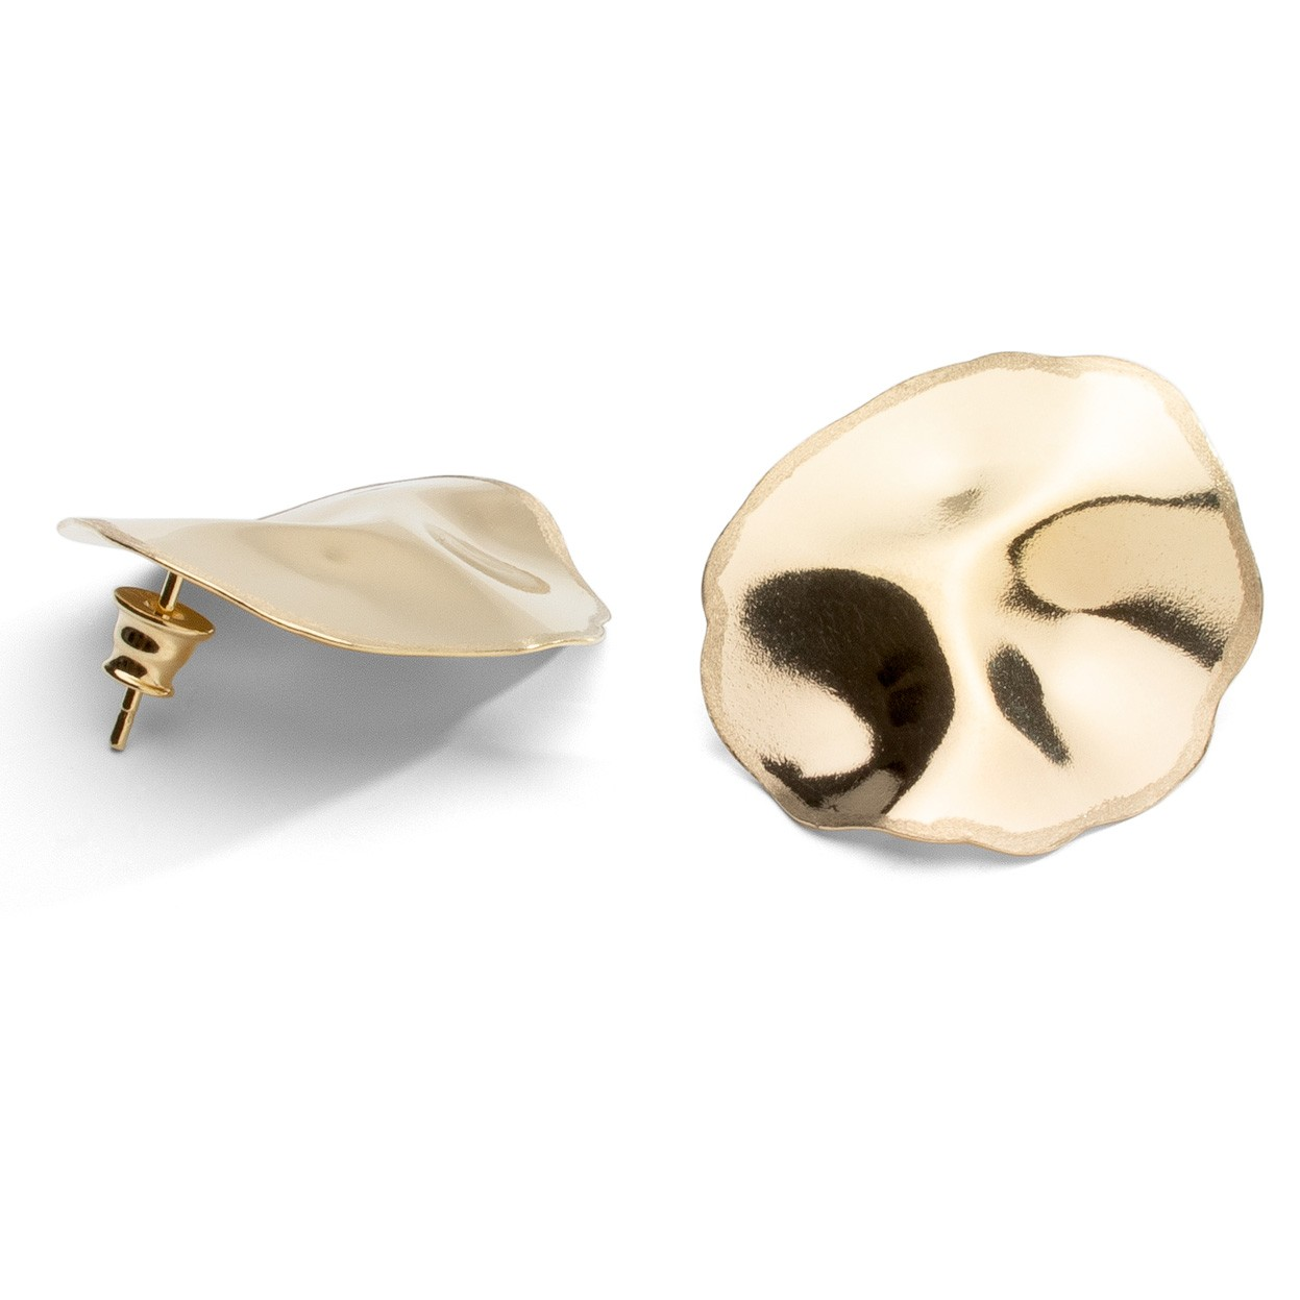 Wavy earrings sterling silver 925